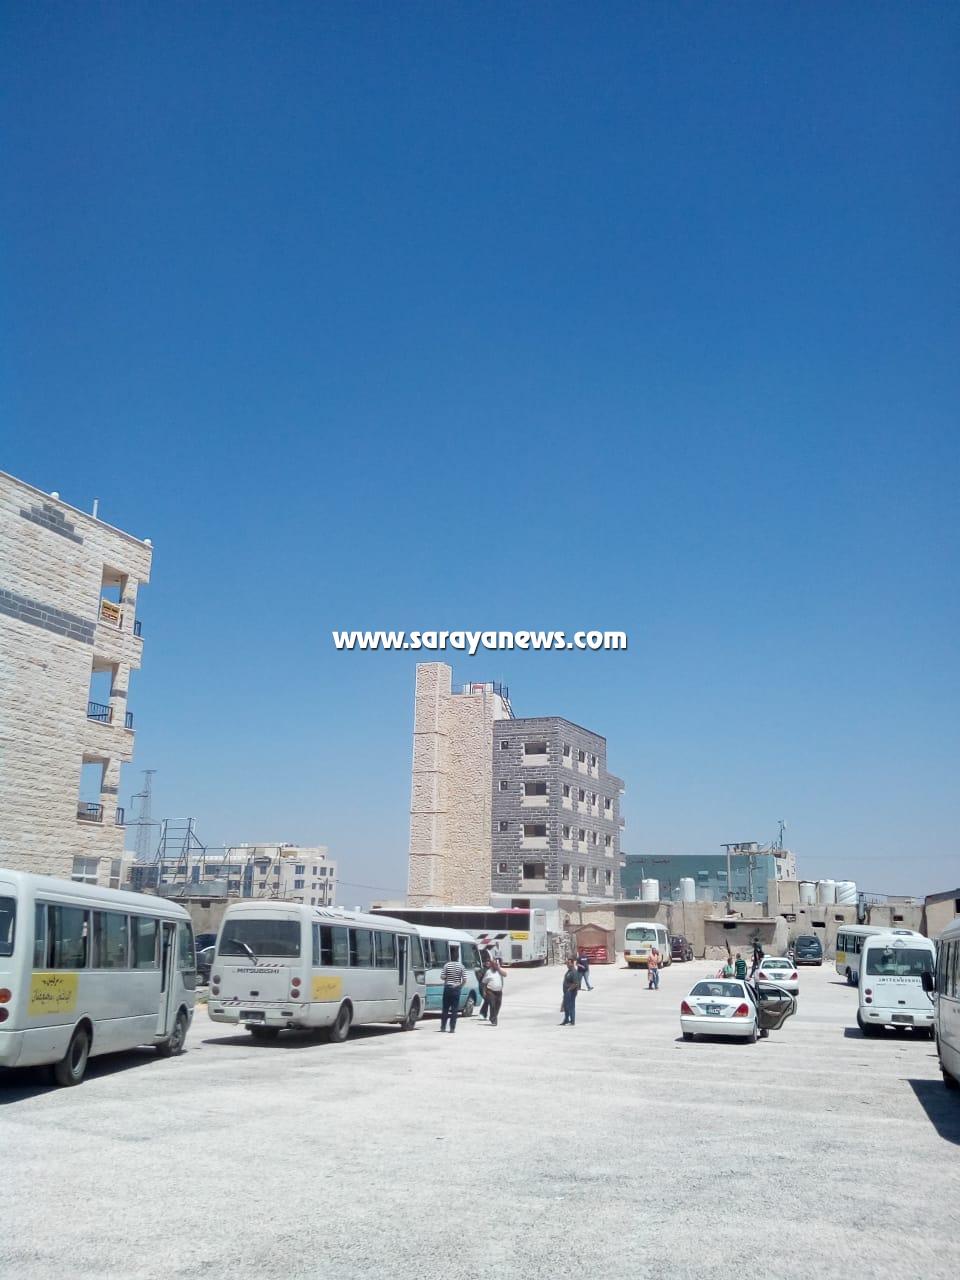 بالصور ..  اربد: نقل موقف باصات  وسرافيس النقل الداخلية بمجمع عمان الجديد يثير استياء المواطنين